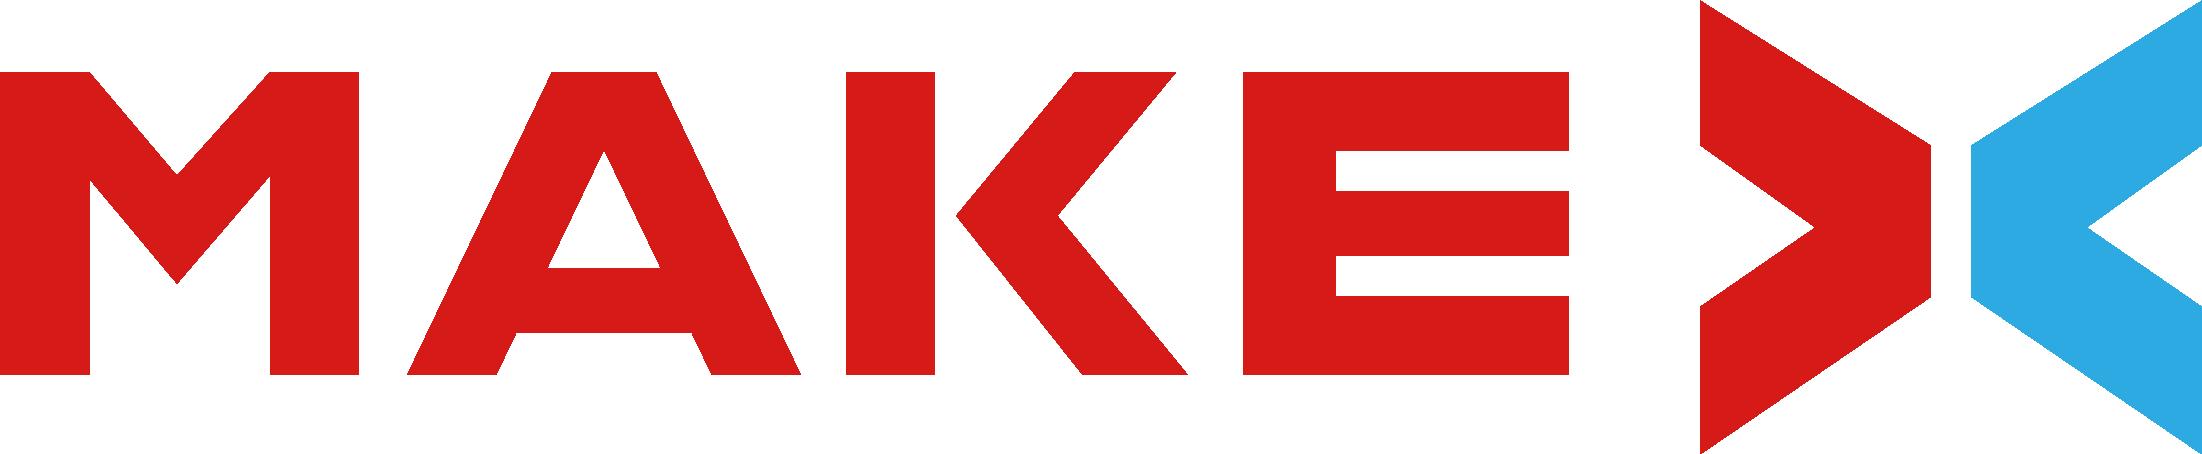 Resultado de imagen de makex 2020 logo